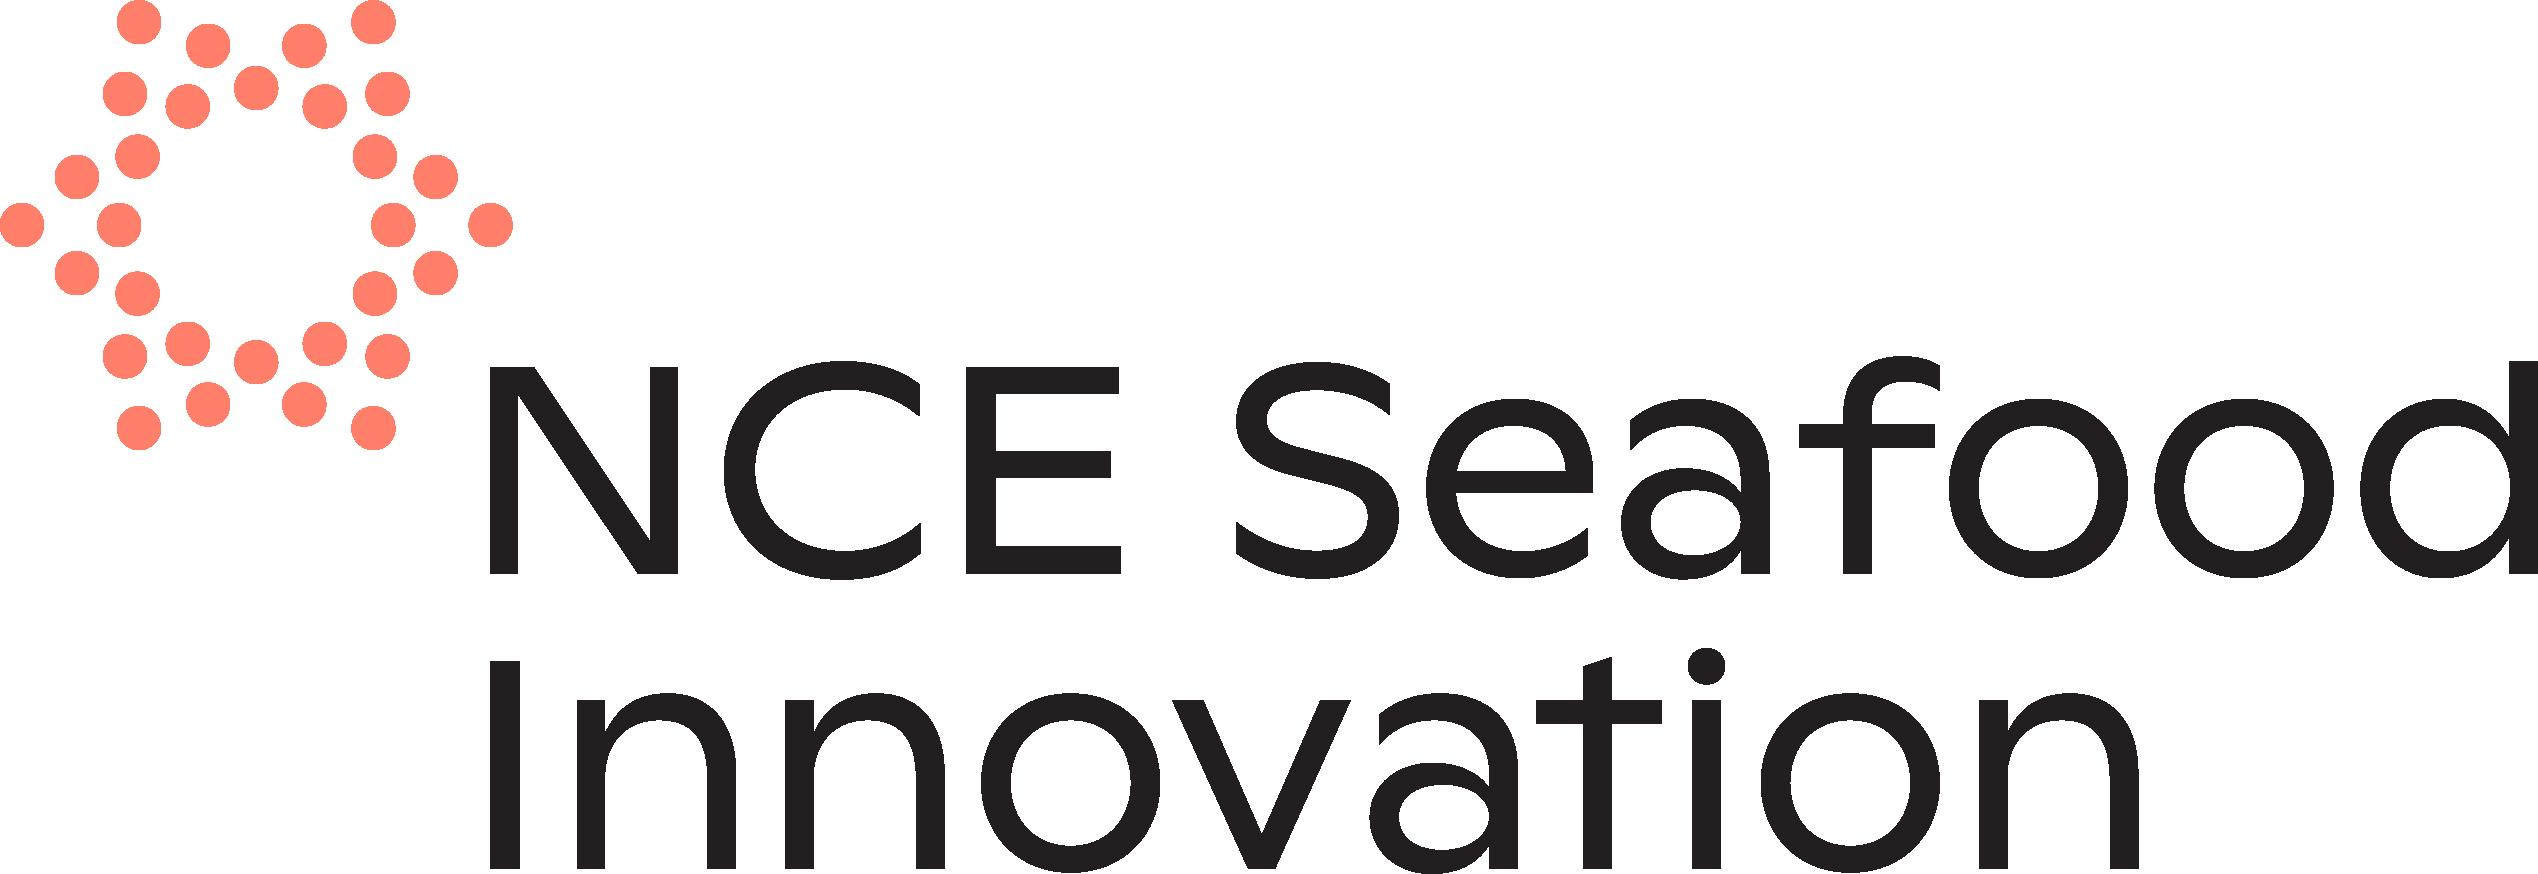 NCE Seafood Innovation